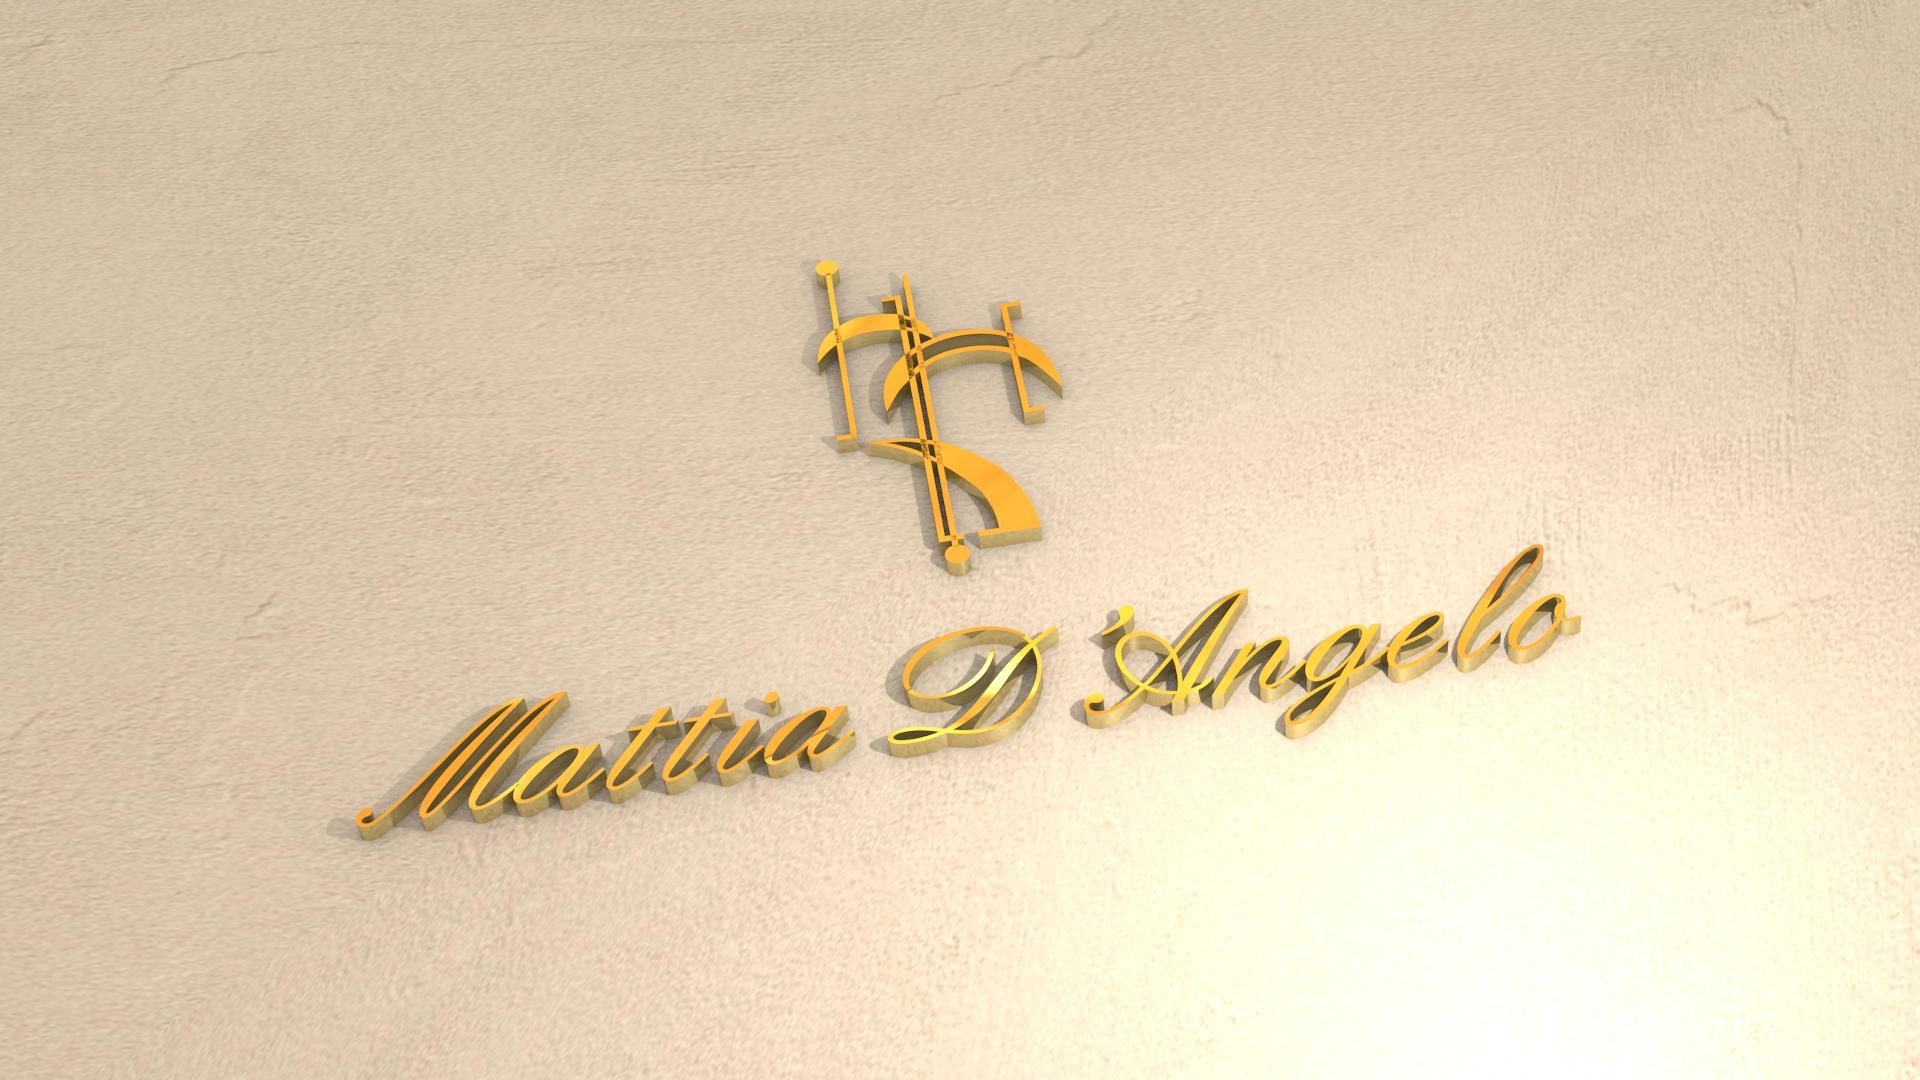 Mattia D'Angelo S.r.l.